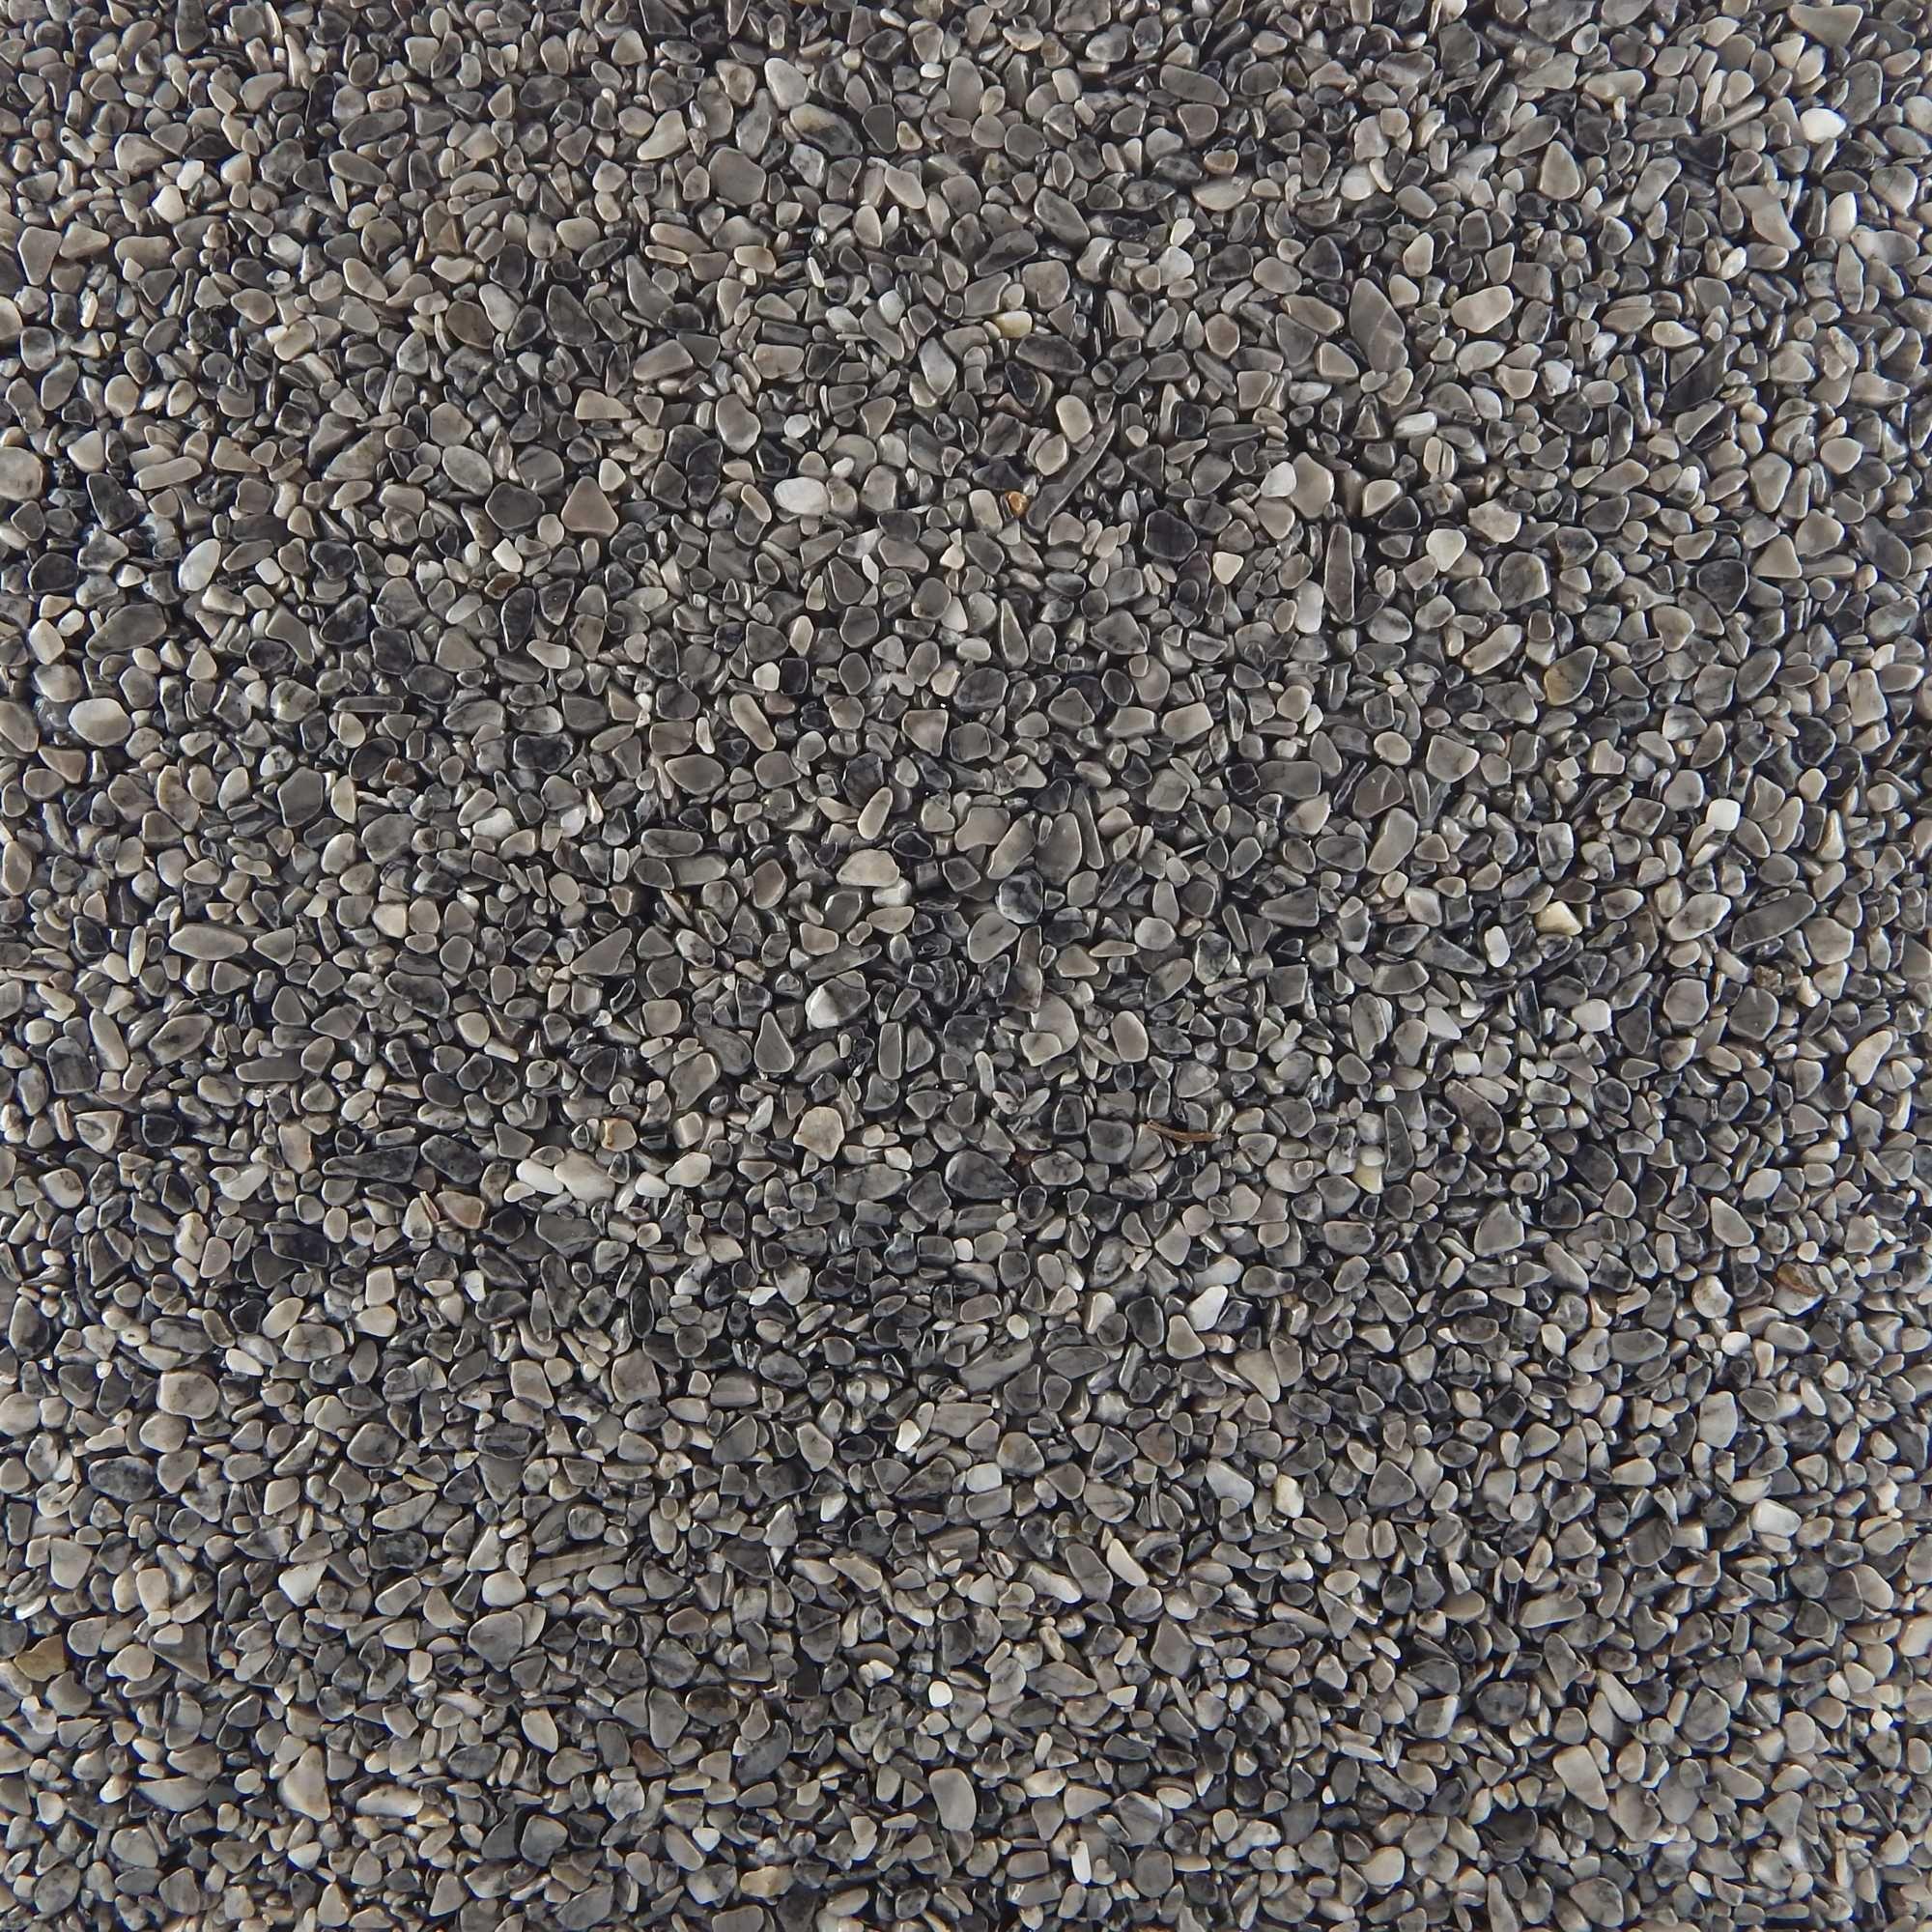 Terralith Steinteppich Farbmuster Grigio Due Bild 1 Buntsteinputz Farbmuster Steine